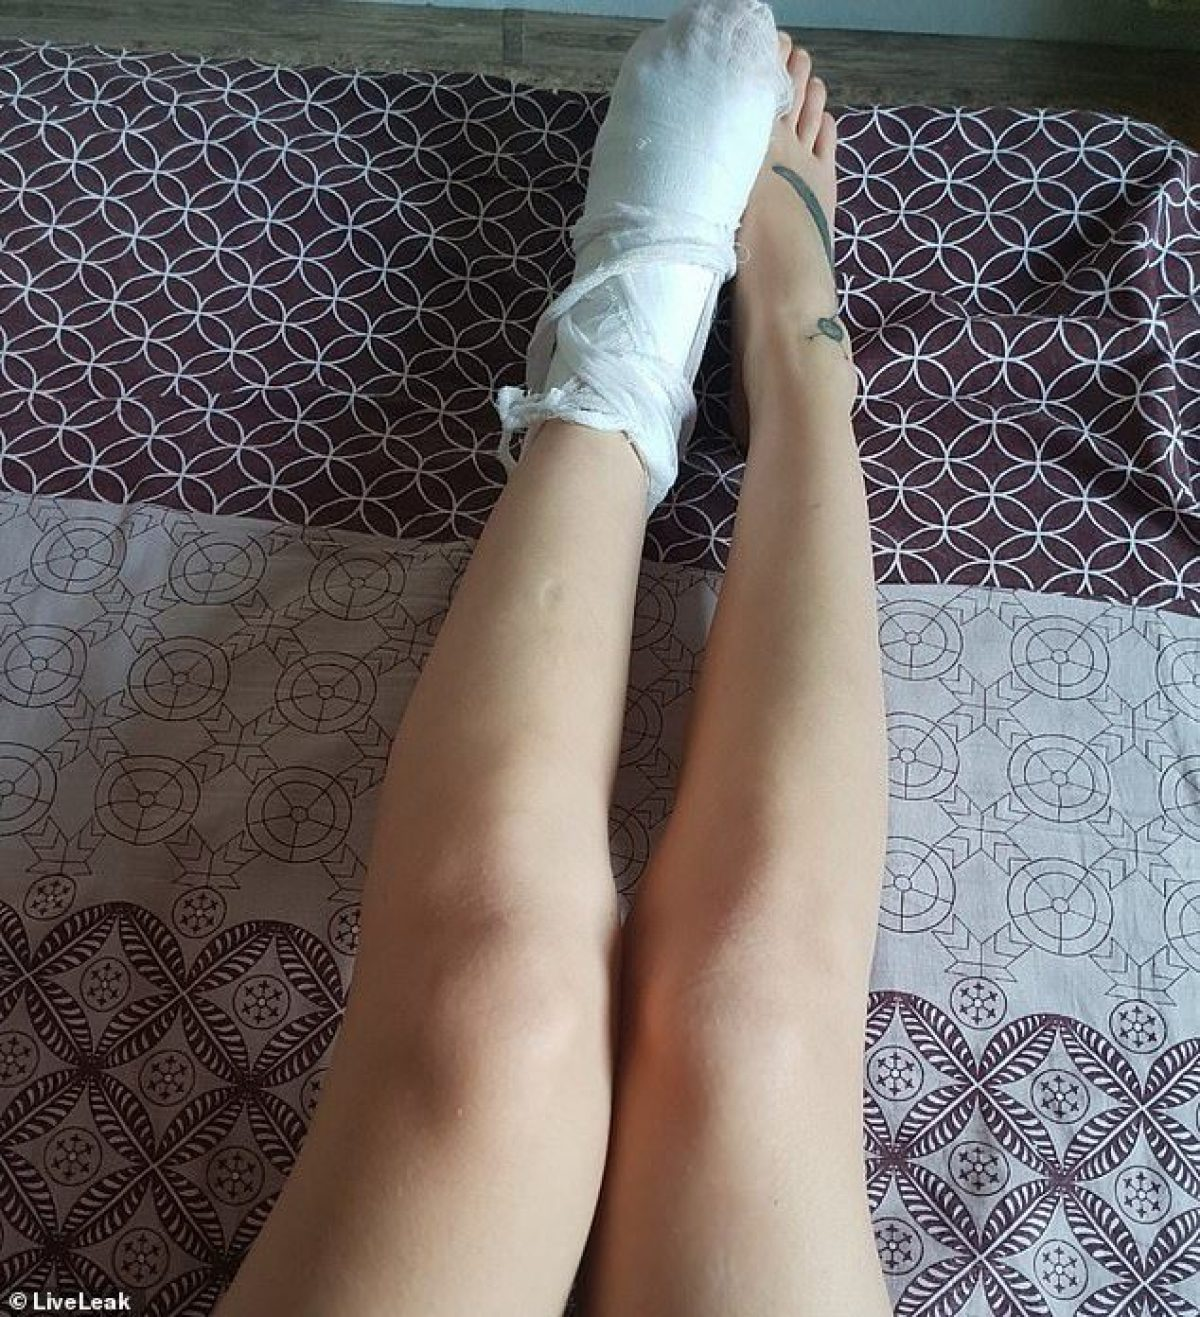 Aparecieron imágenes que mostraban el tobillo izquierdo fuertemente vendado de la mujer